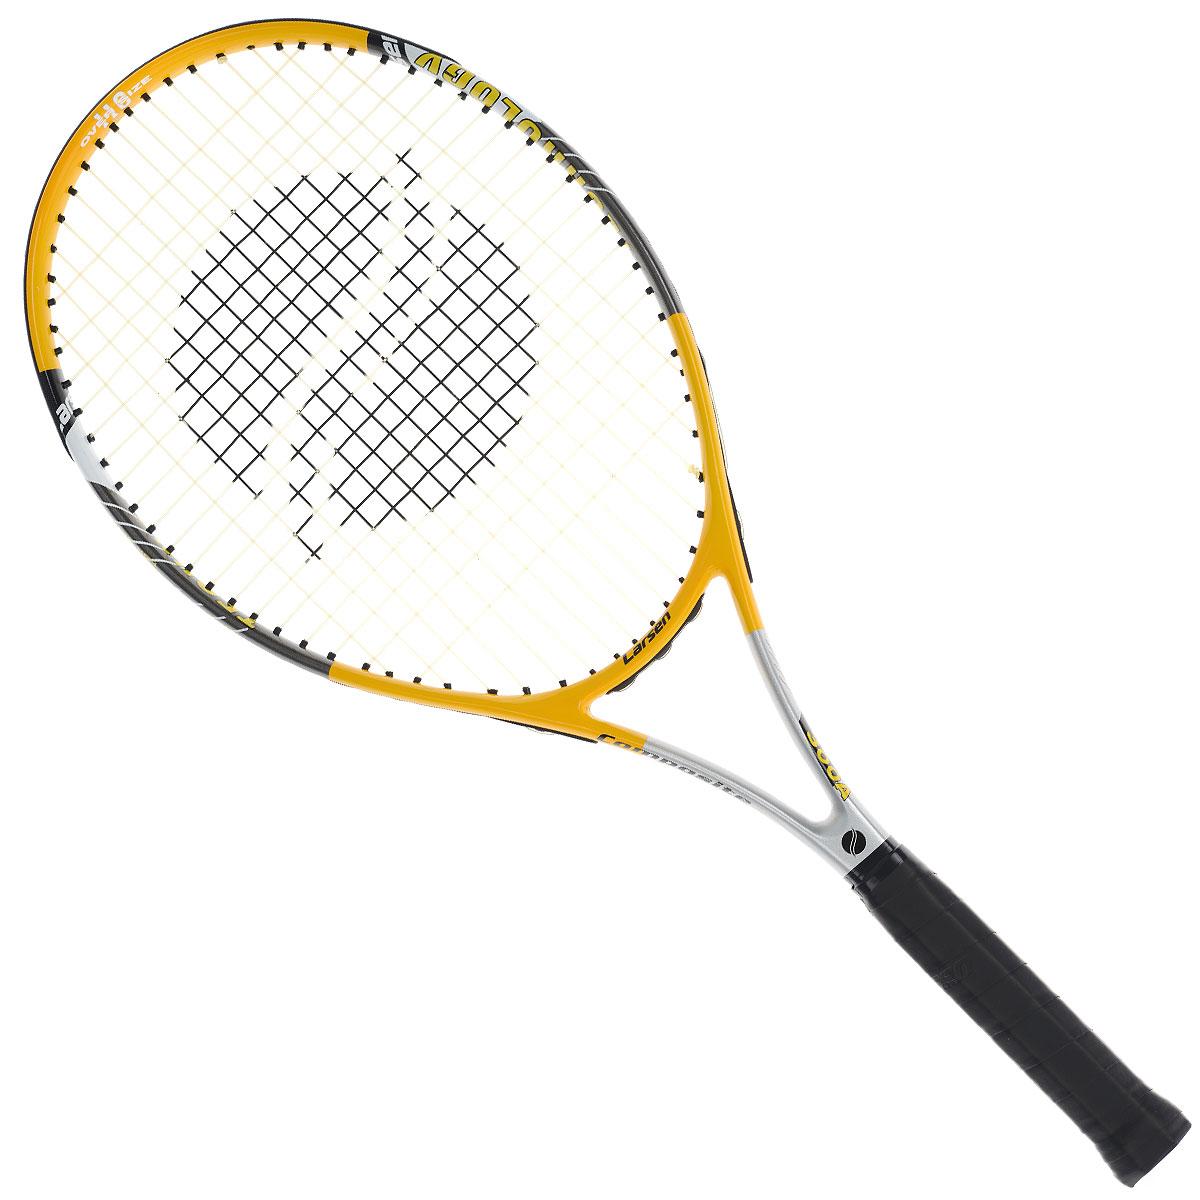 Ракетка для большого тенниса Larsen 300A52462Ракетка для большого тенниса Larsen 300A предназначена для начинающих игроков и любителей. Удобная, не скользящая в руках ручка даст вам особый контроль над ракеткой. Благодаря материалу из которой изготовлена ракетка, игра с Larsen 300A доставит вам уйму удовольствия и подарит незабываемый опыт в большем теннисе. В комплект идет чехол для ракетки. Характеристики: Материал: алюминий, графит. Вес: 300 г +/-5 г. Длина: 27. Баланс: 315 мм +/-7,5 мм. Рекомендуемое натяжение: 47-52 lbs/21-24 кг. Размер упаковки: 73 см х 31 см х 3 см.